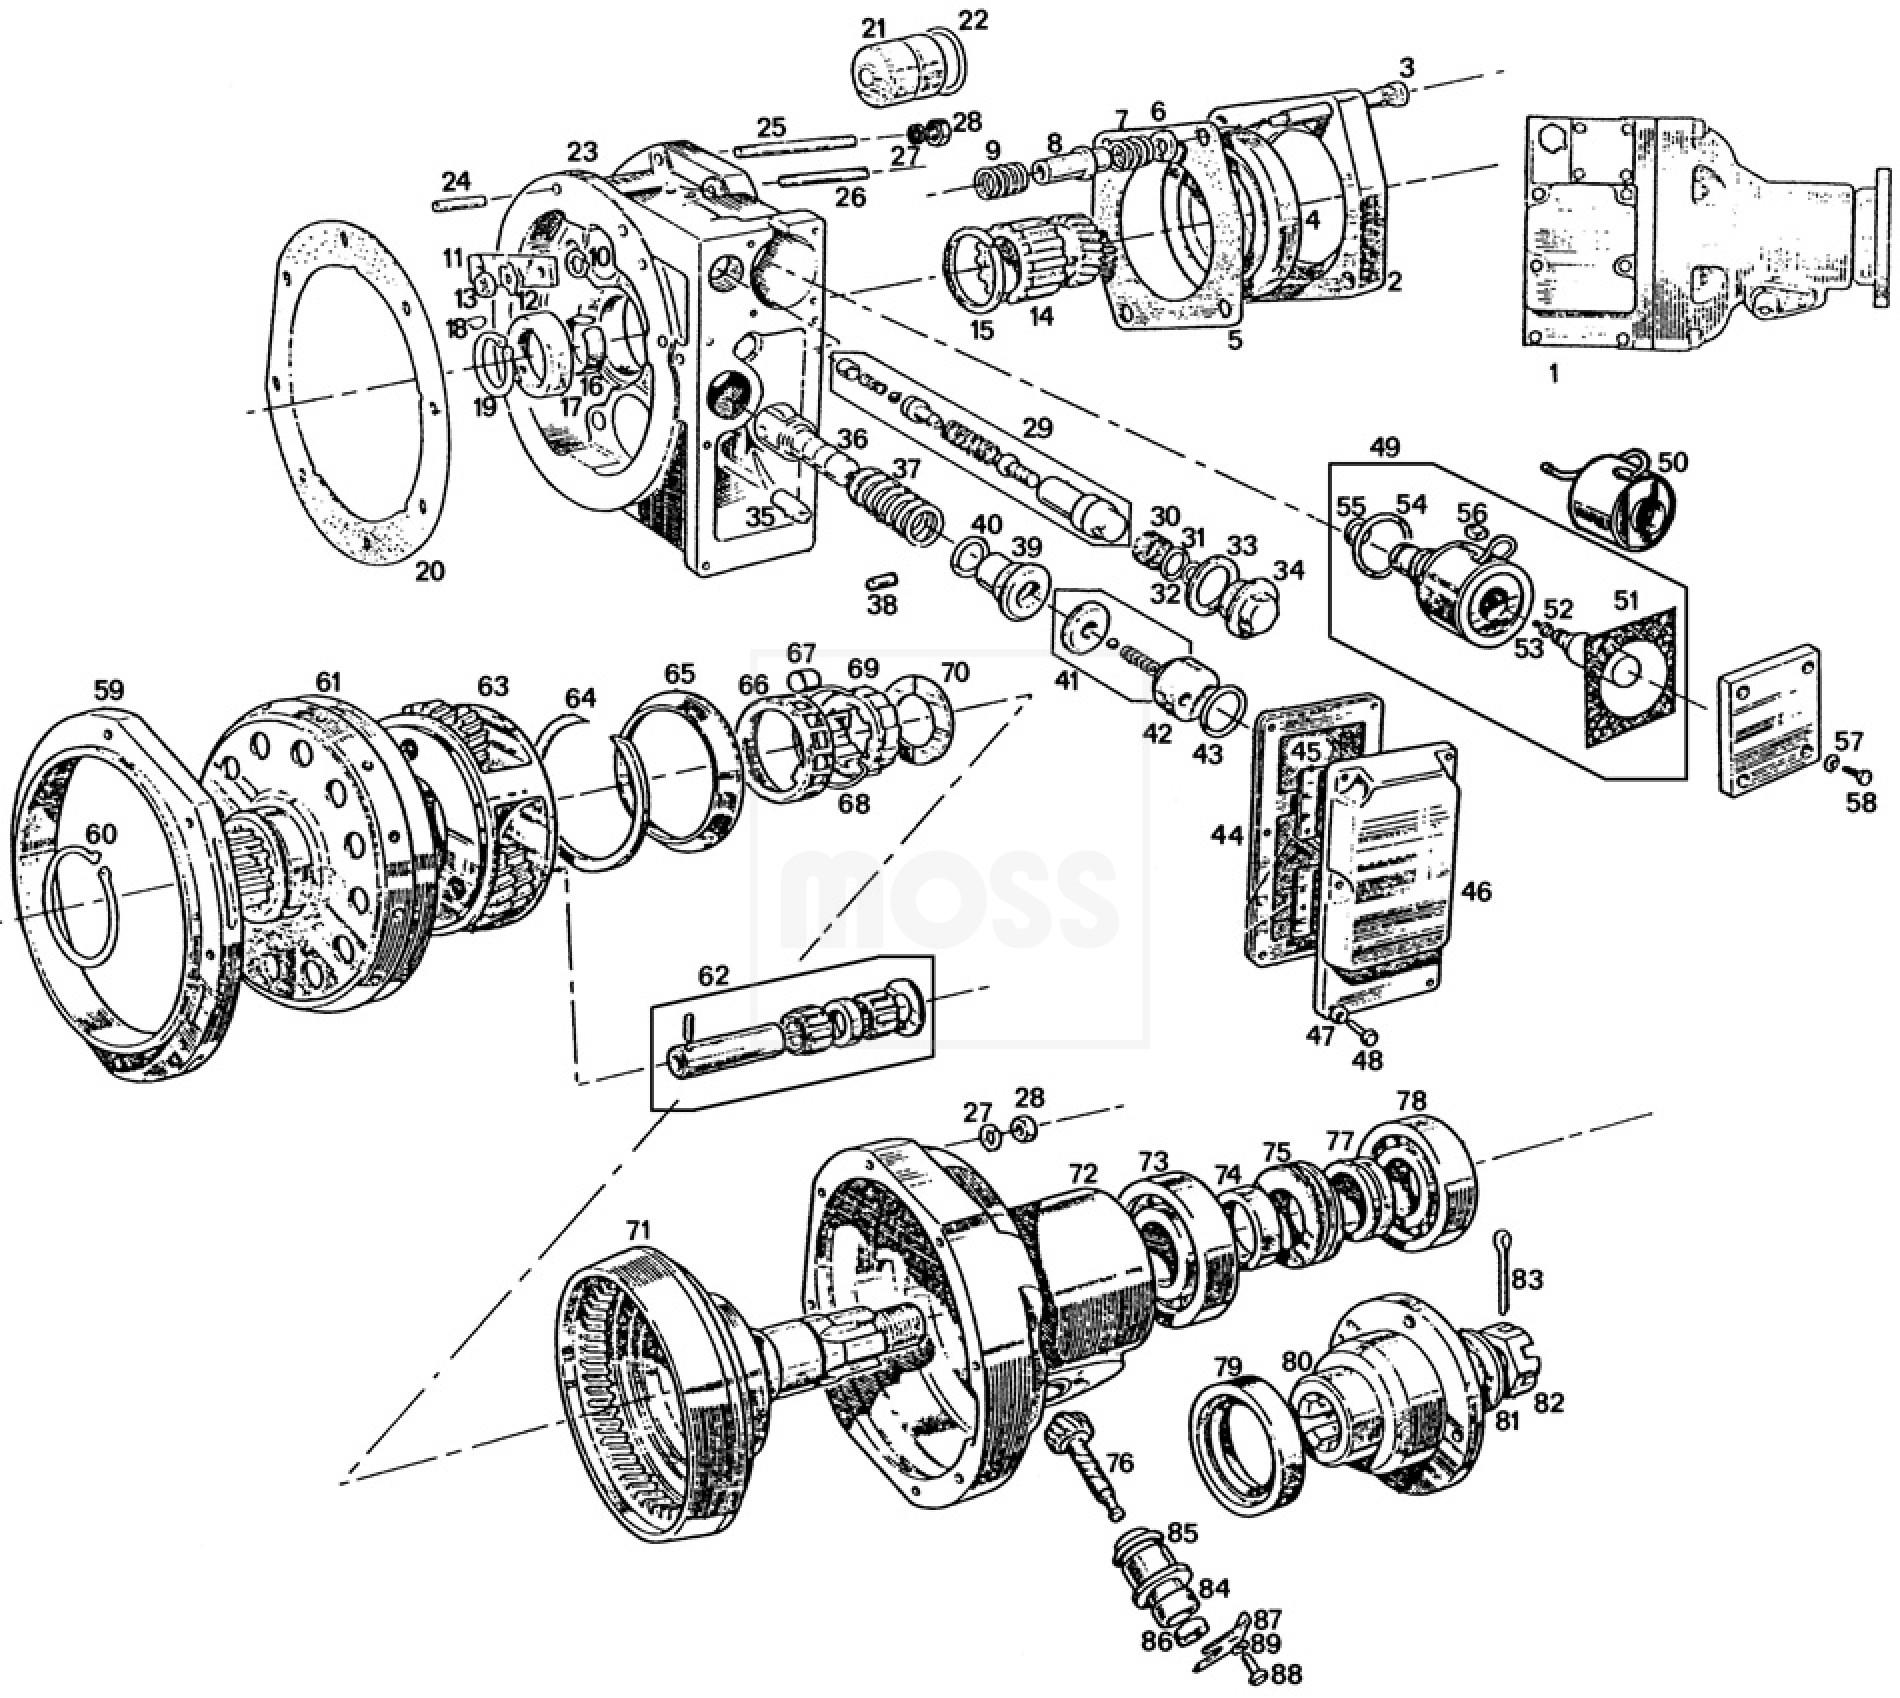 1975 vw bus wiring diagram